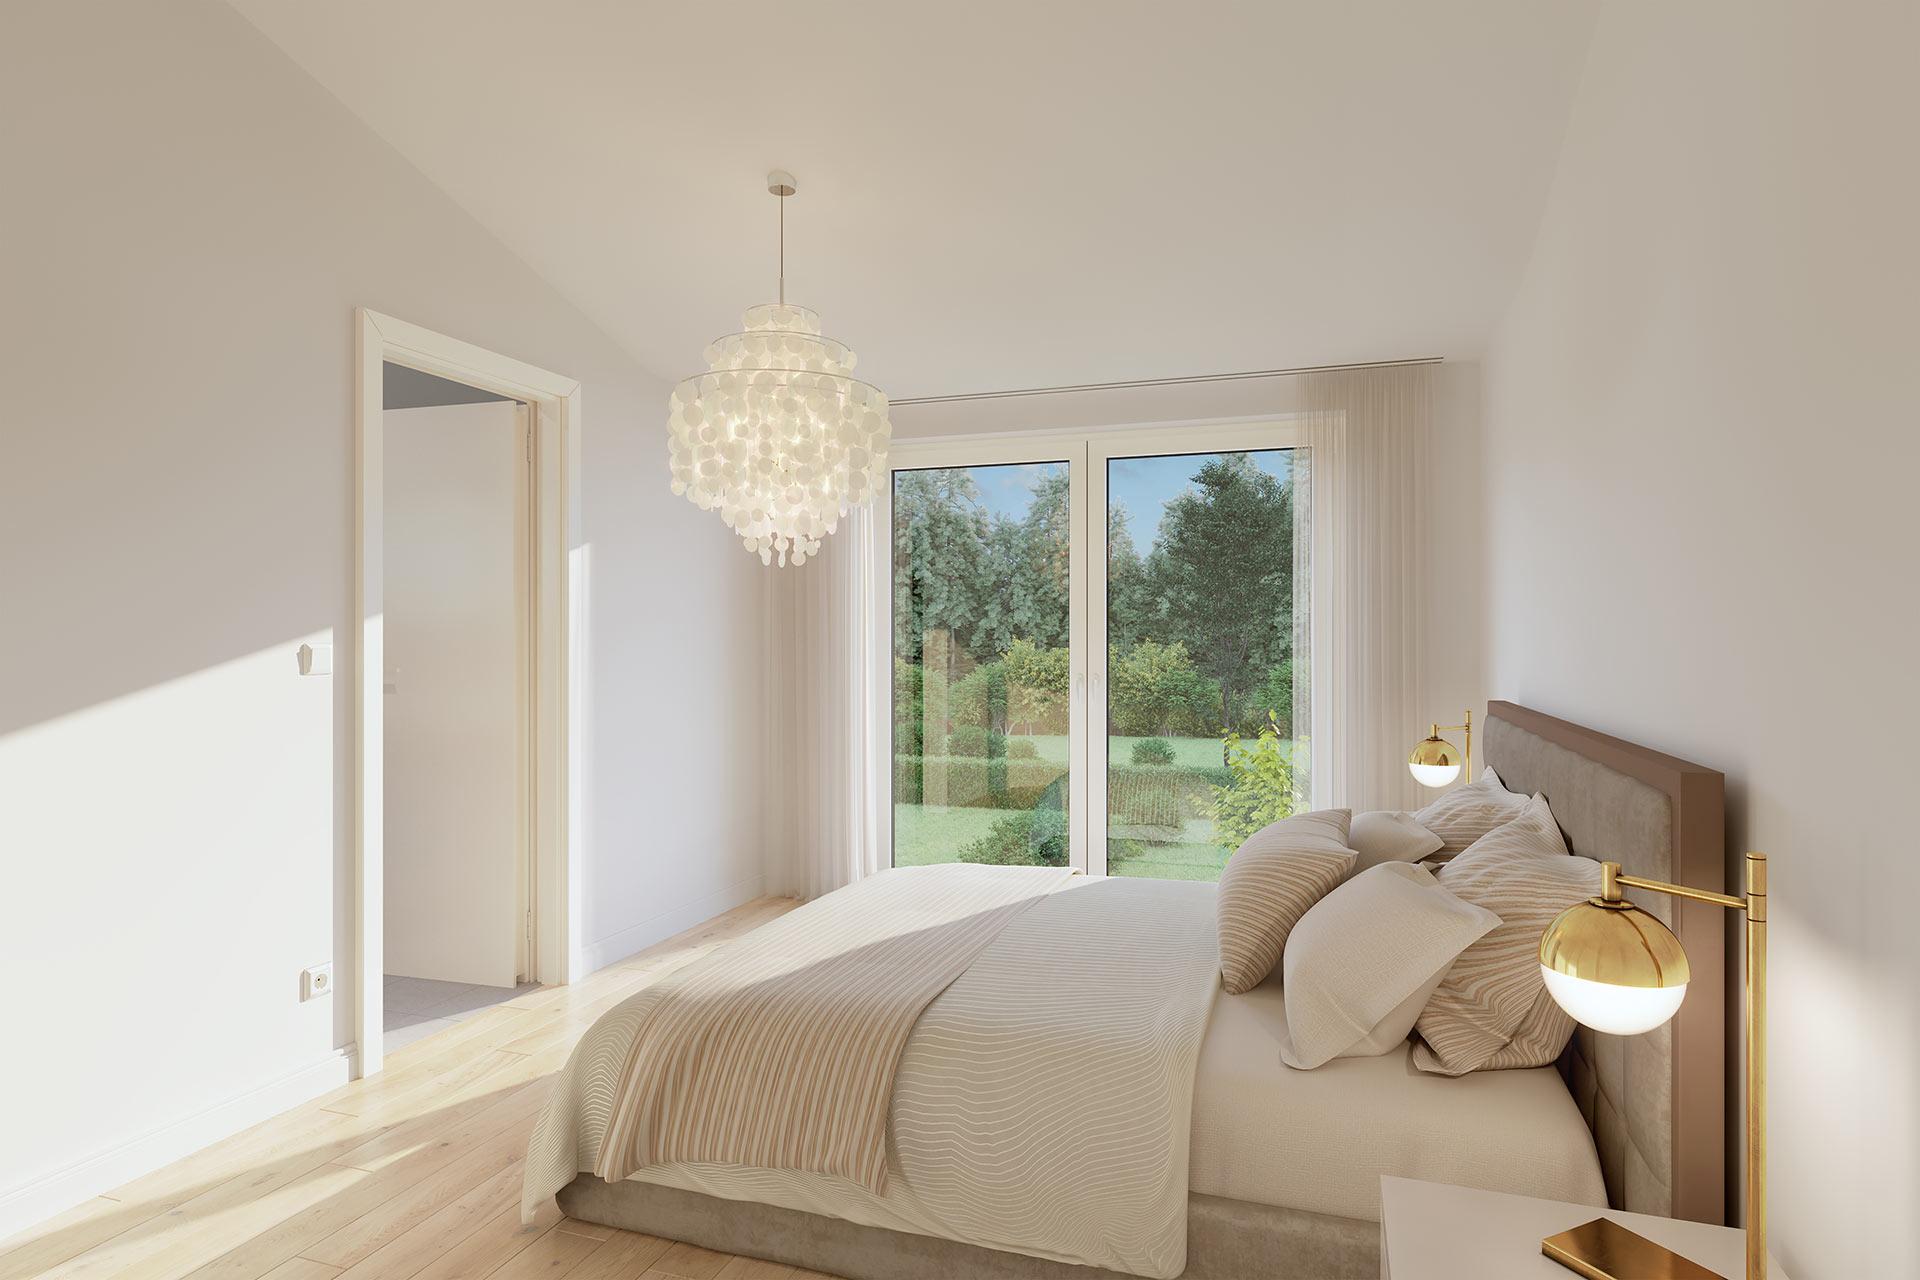 Modernes Visualisierung Schlafzimmer Architekturvisualisierung